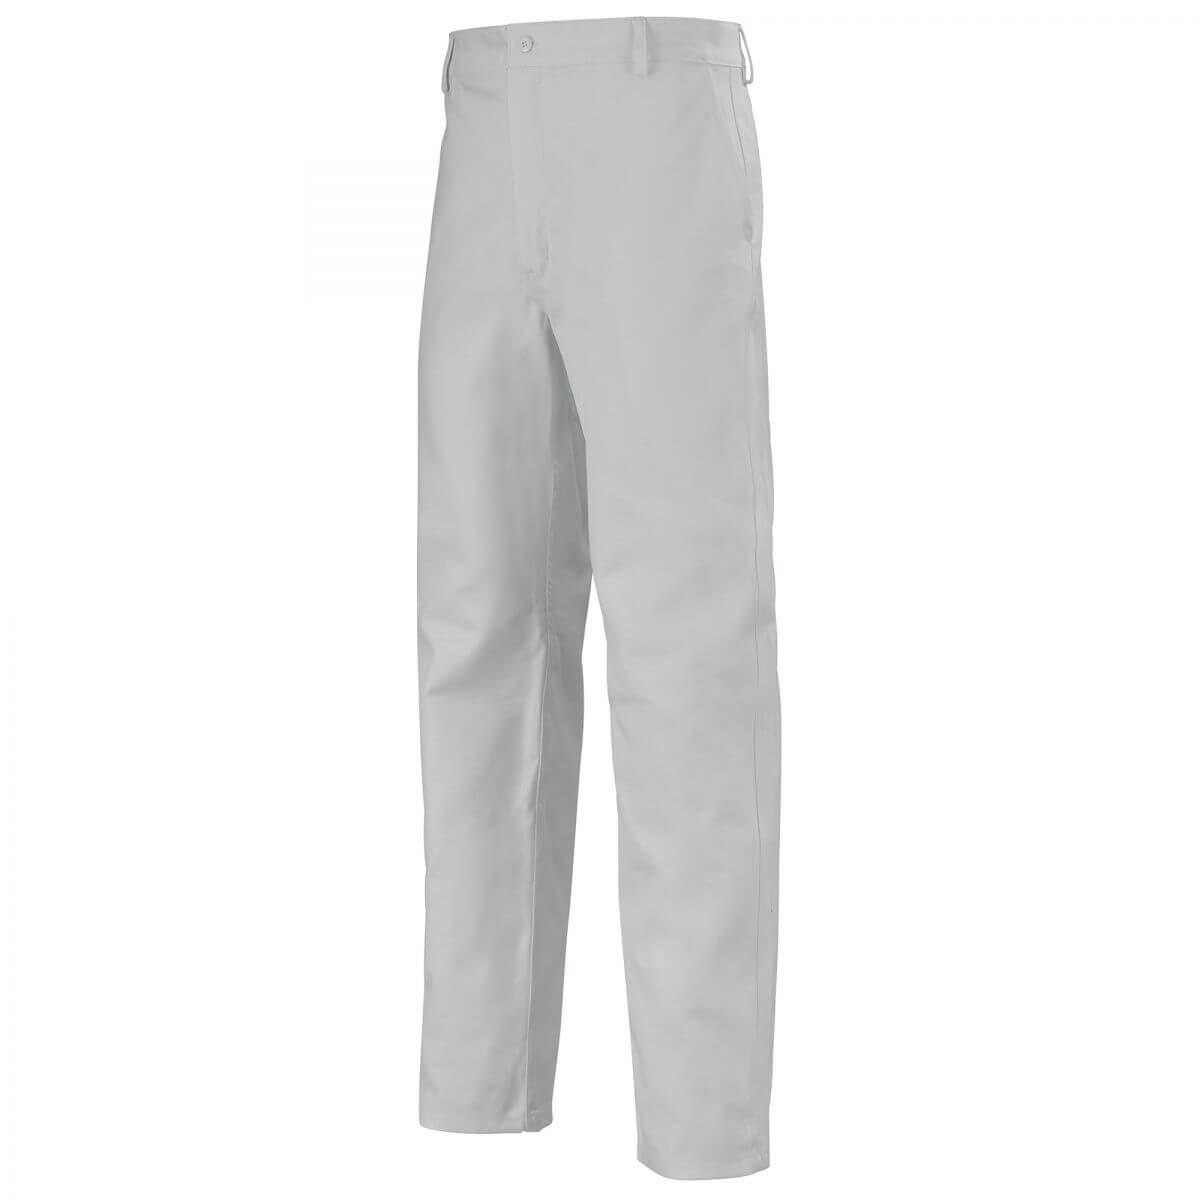 pantalon de travail pas cher blanc daily pantalons de. Black Bedroom Furniture Sets. Home Design Ideas